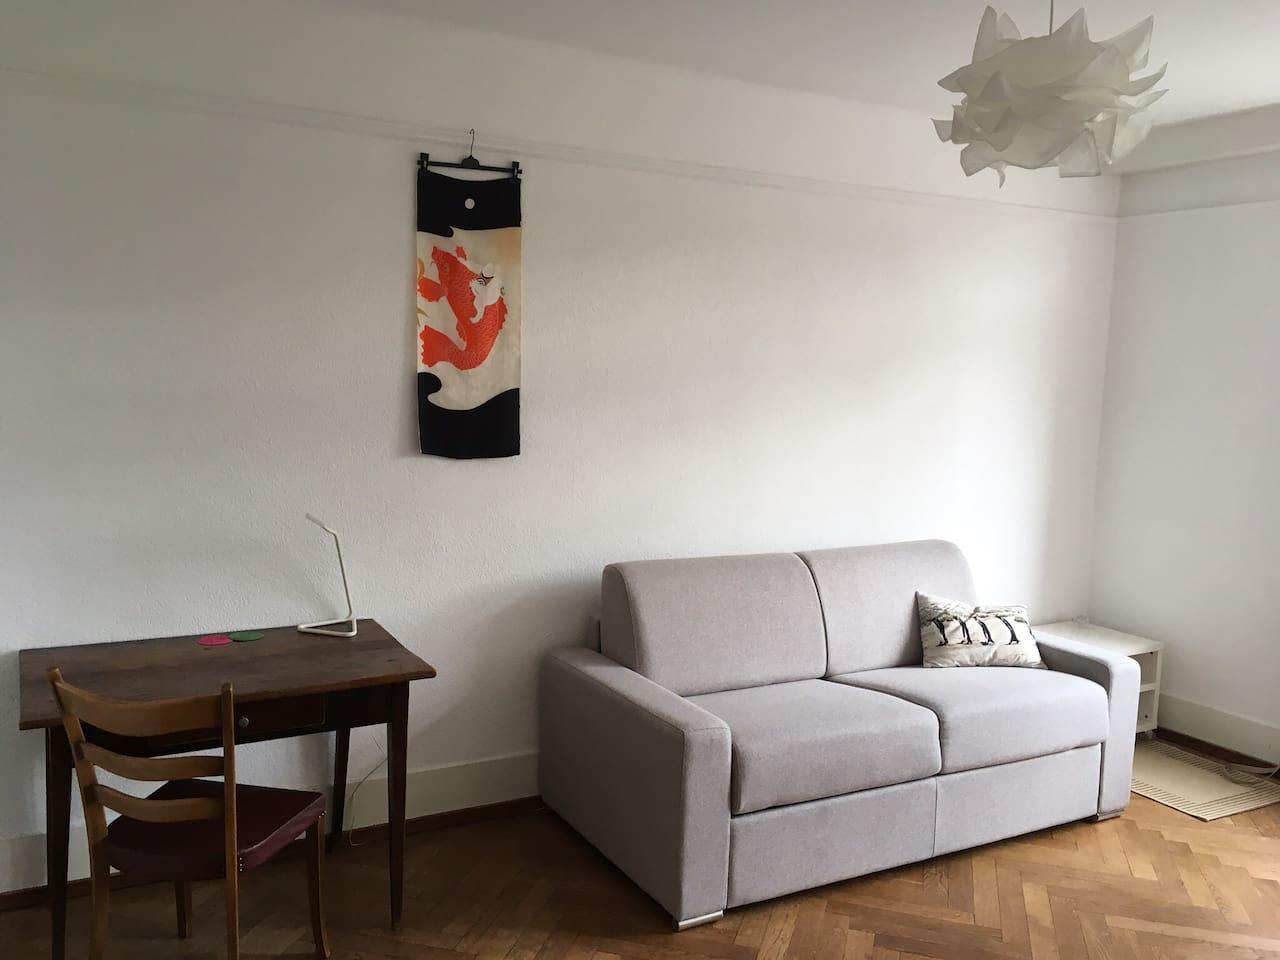 Grande chambre lumineuse, parquet bois, canapé-lit confort avec latte en bois et matelas 18 cm, table bureau et chaise.